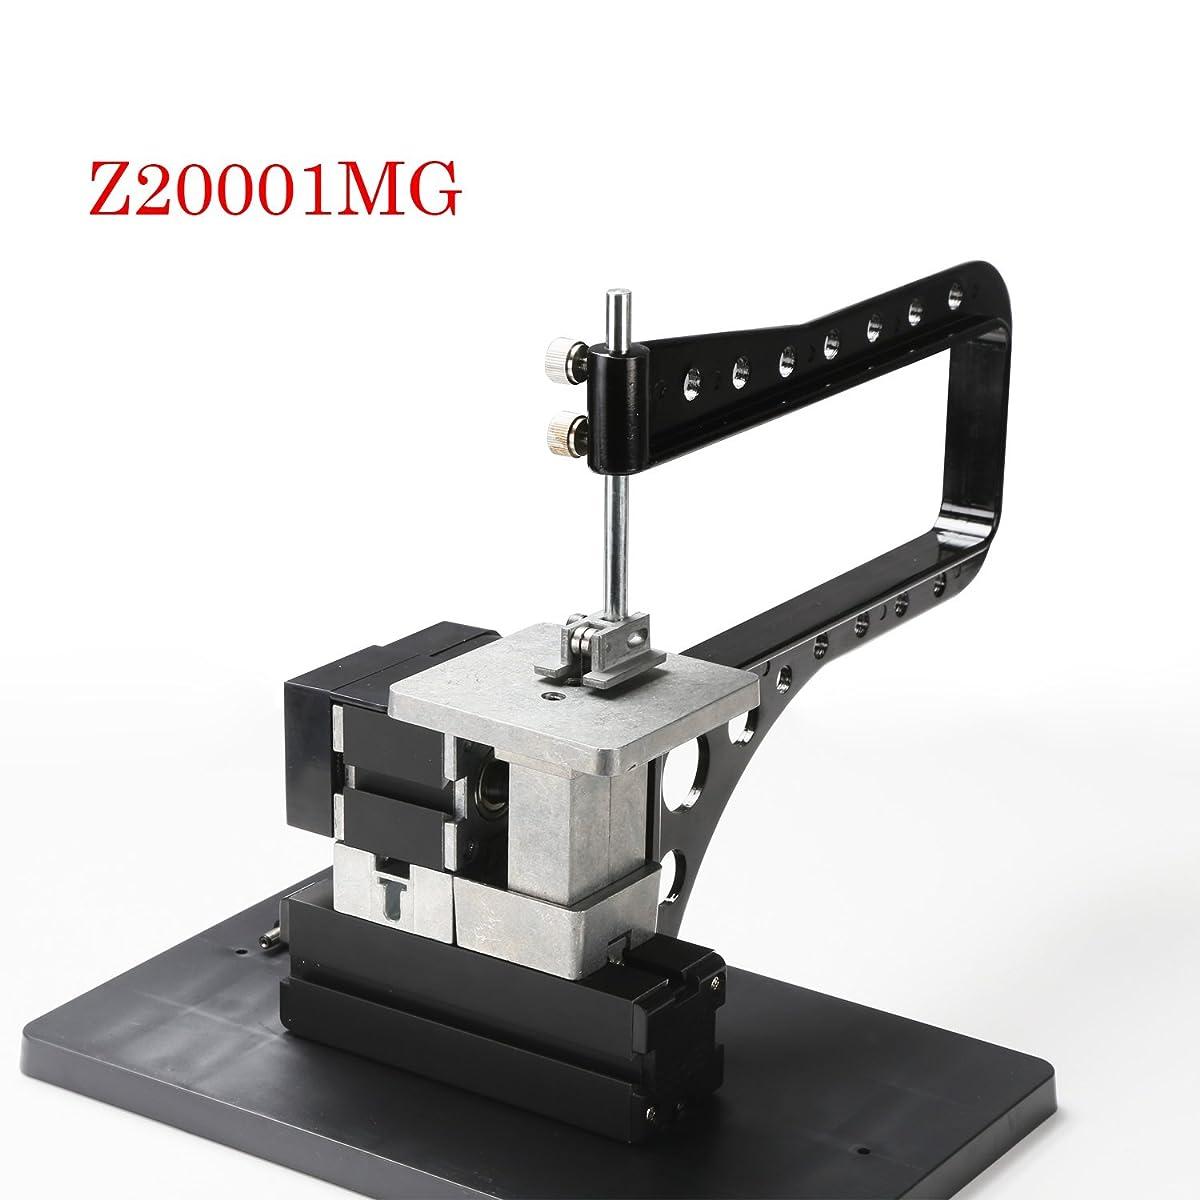 モード希少性メルボルンミニ旋盤 24W 木工 DIYツール モデル製作 金属製のジグソーパズル 弓腕付き パズルカット